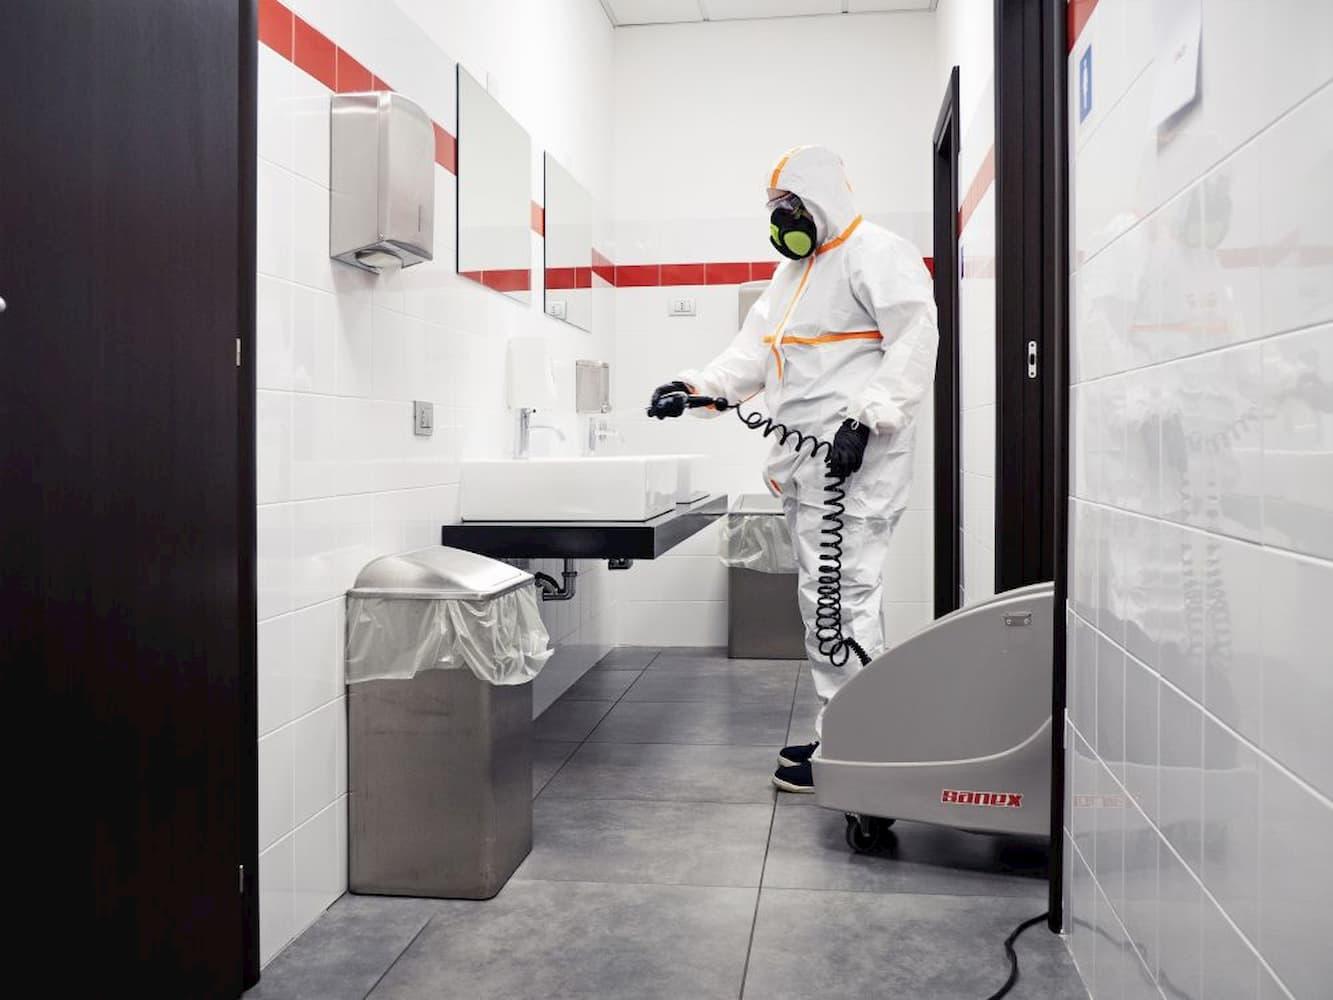 ¡Tenemos nueva máquina de desinfección para mejorar los métodos de higienización de locales y comercios! - Noirrac